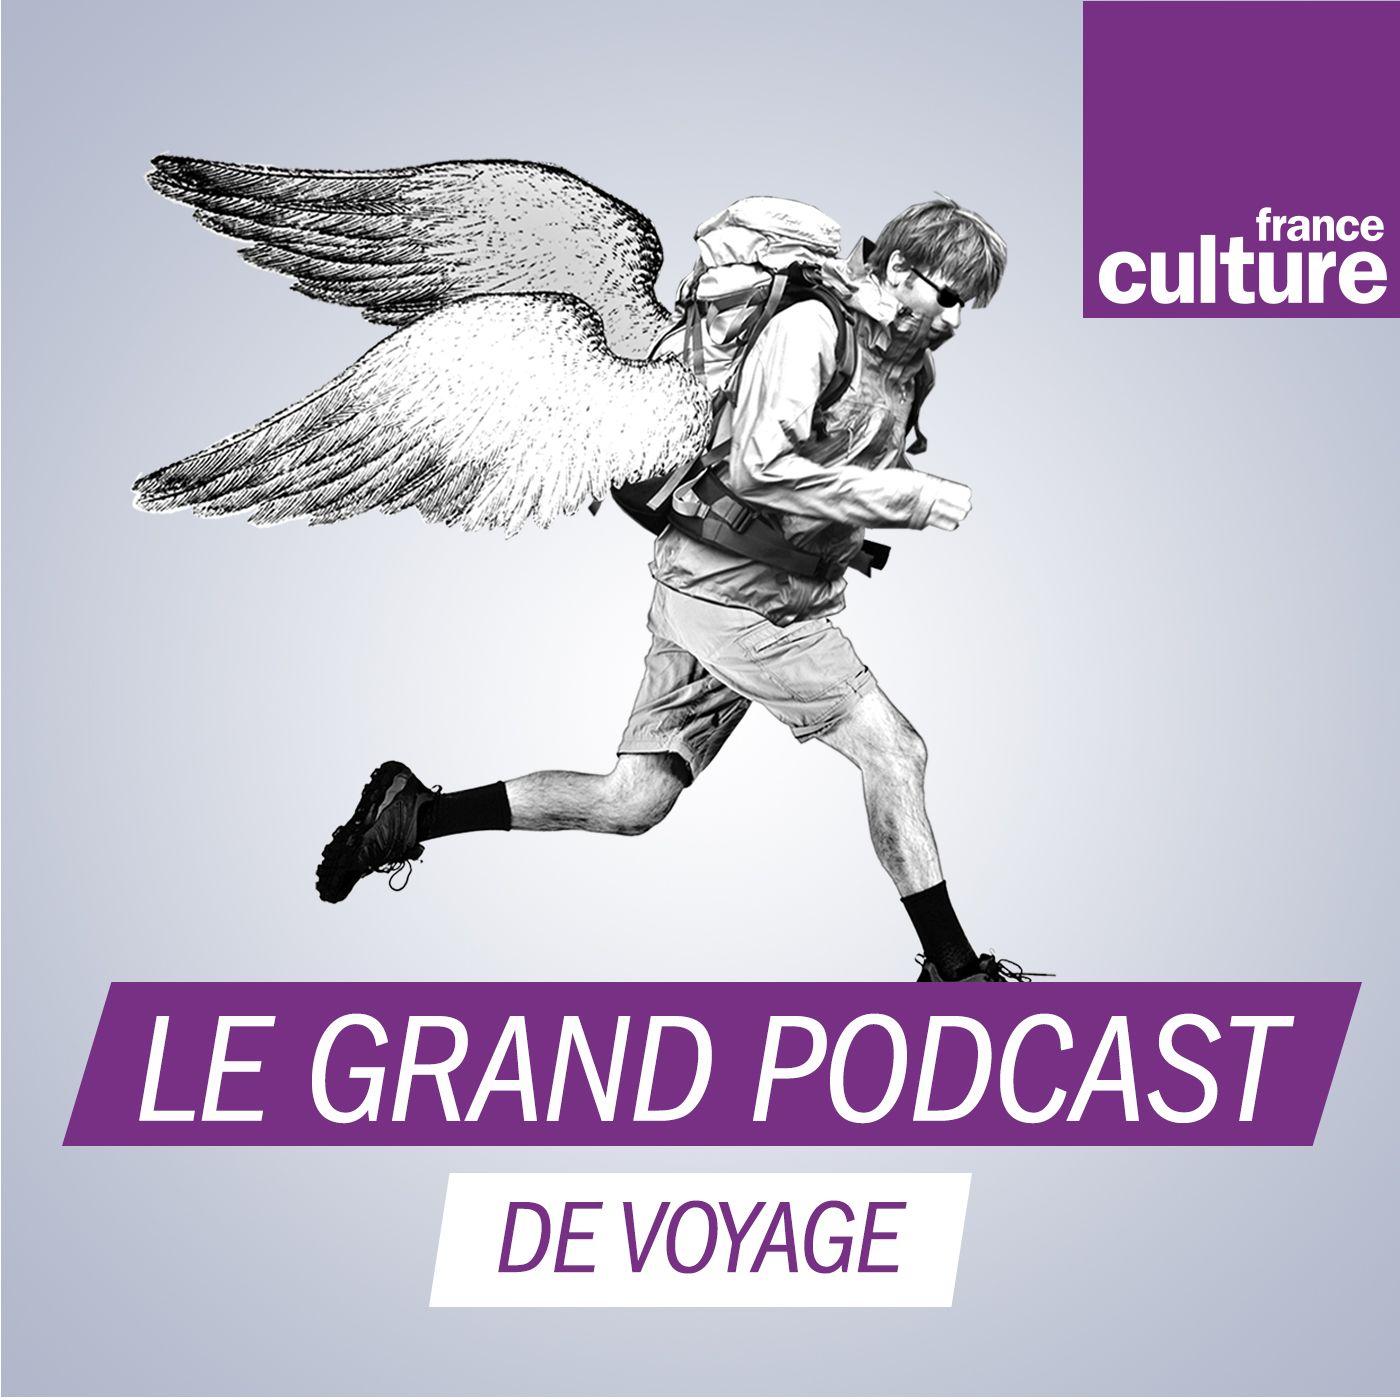 Image 1: Le grand podcast de voyage